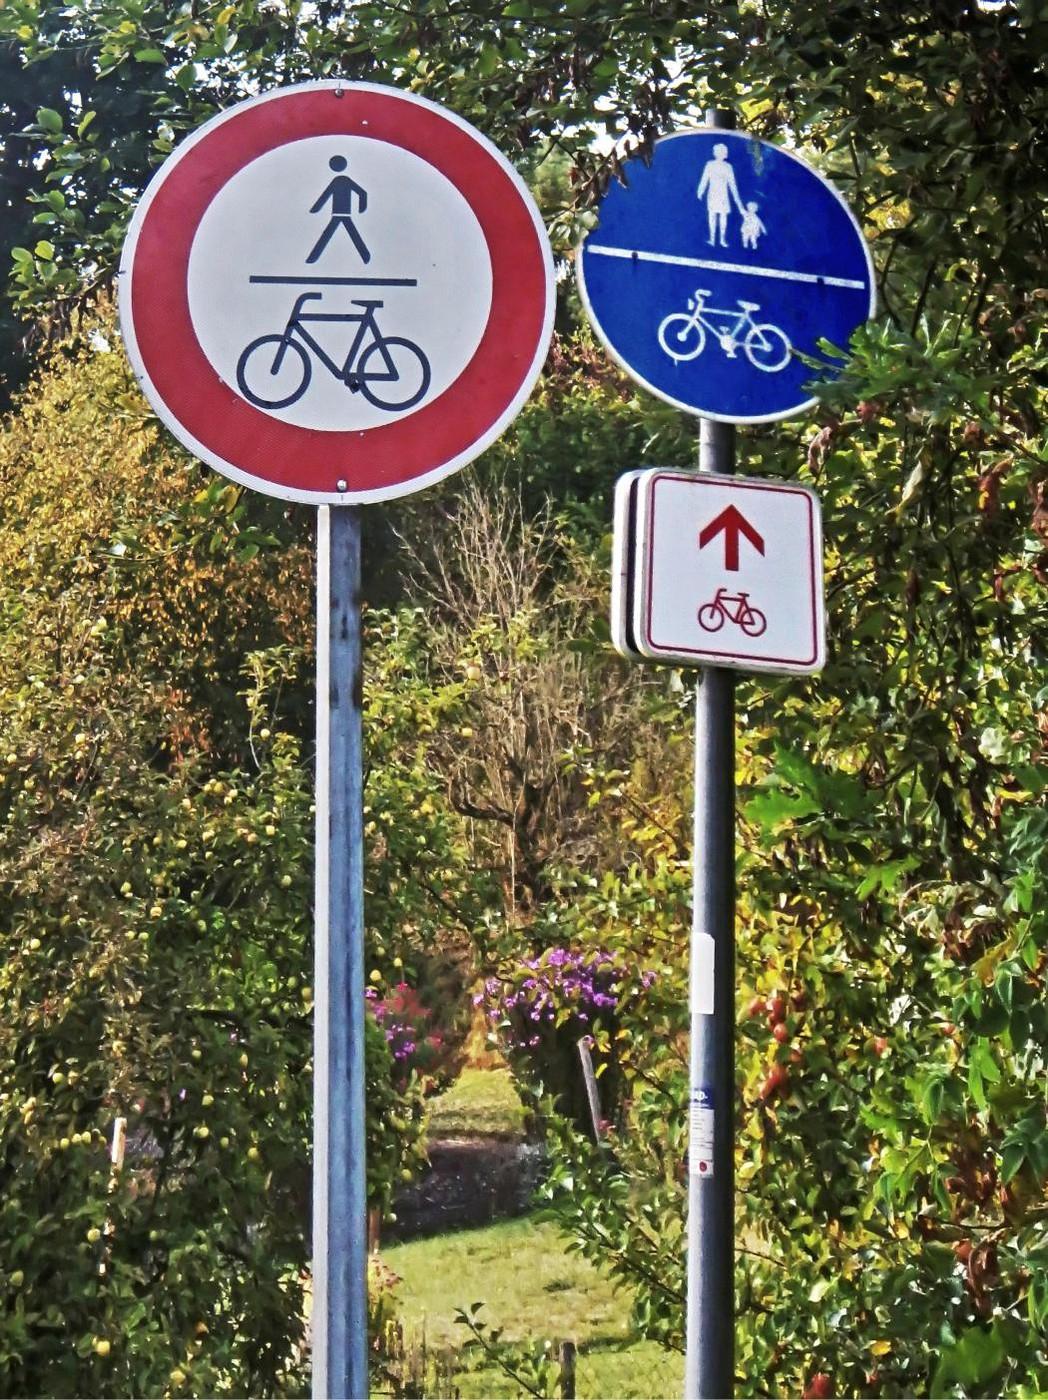 Durchfahrtverbot oder Benutzungspflicht???